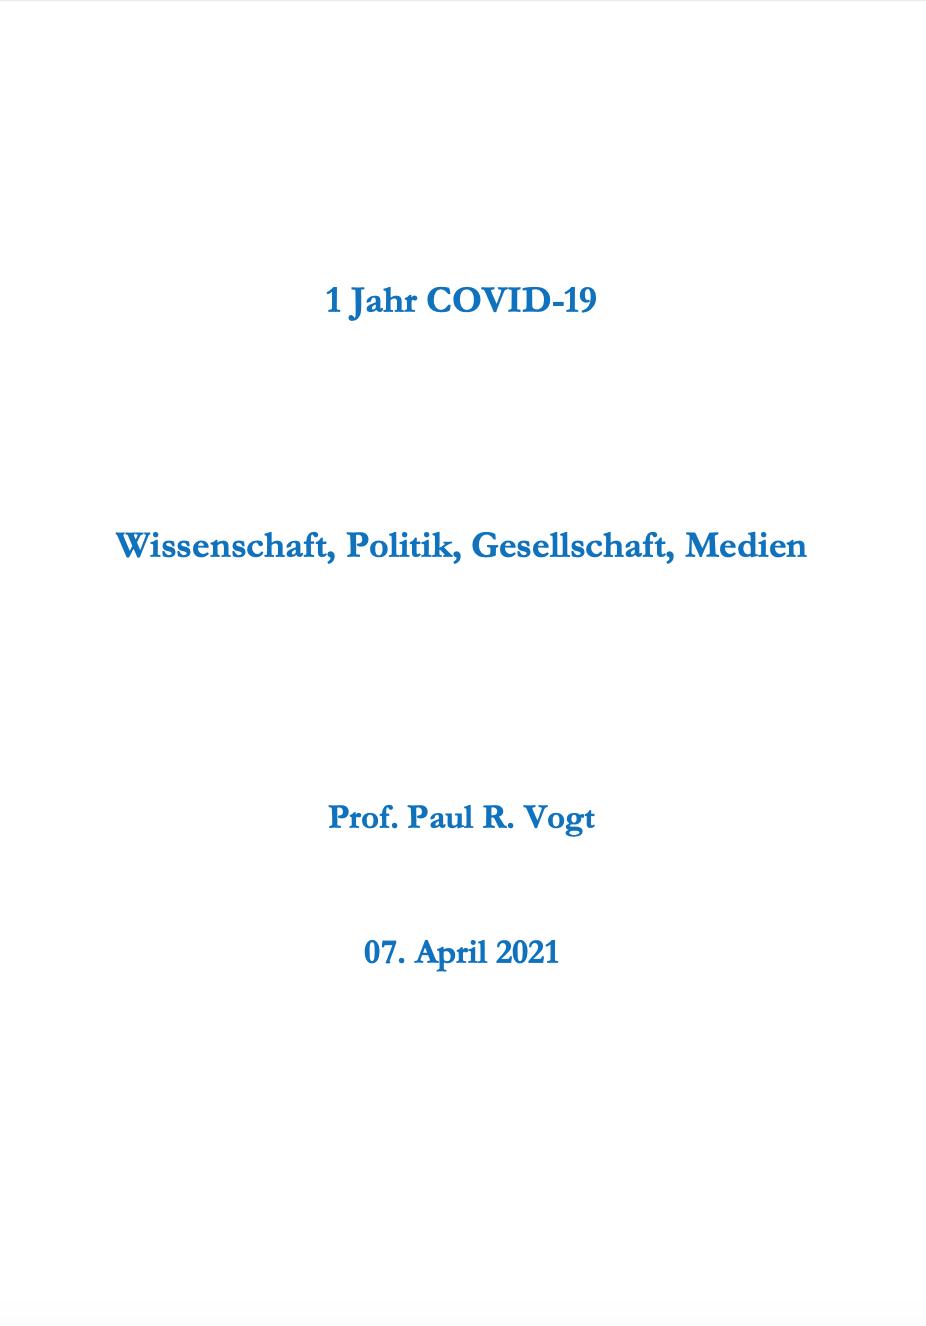 Ein Jahr COVID-19